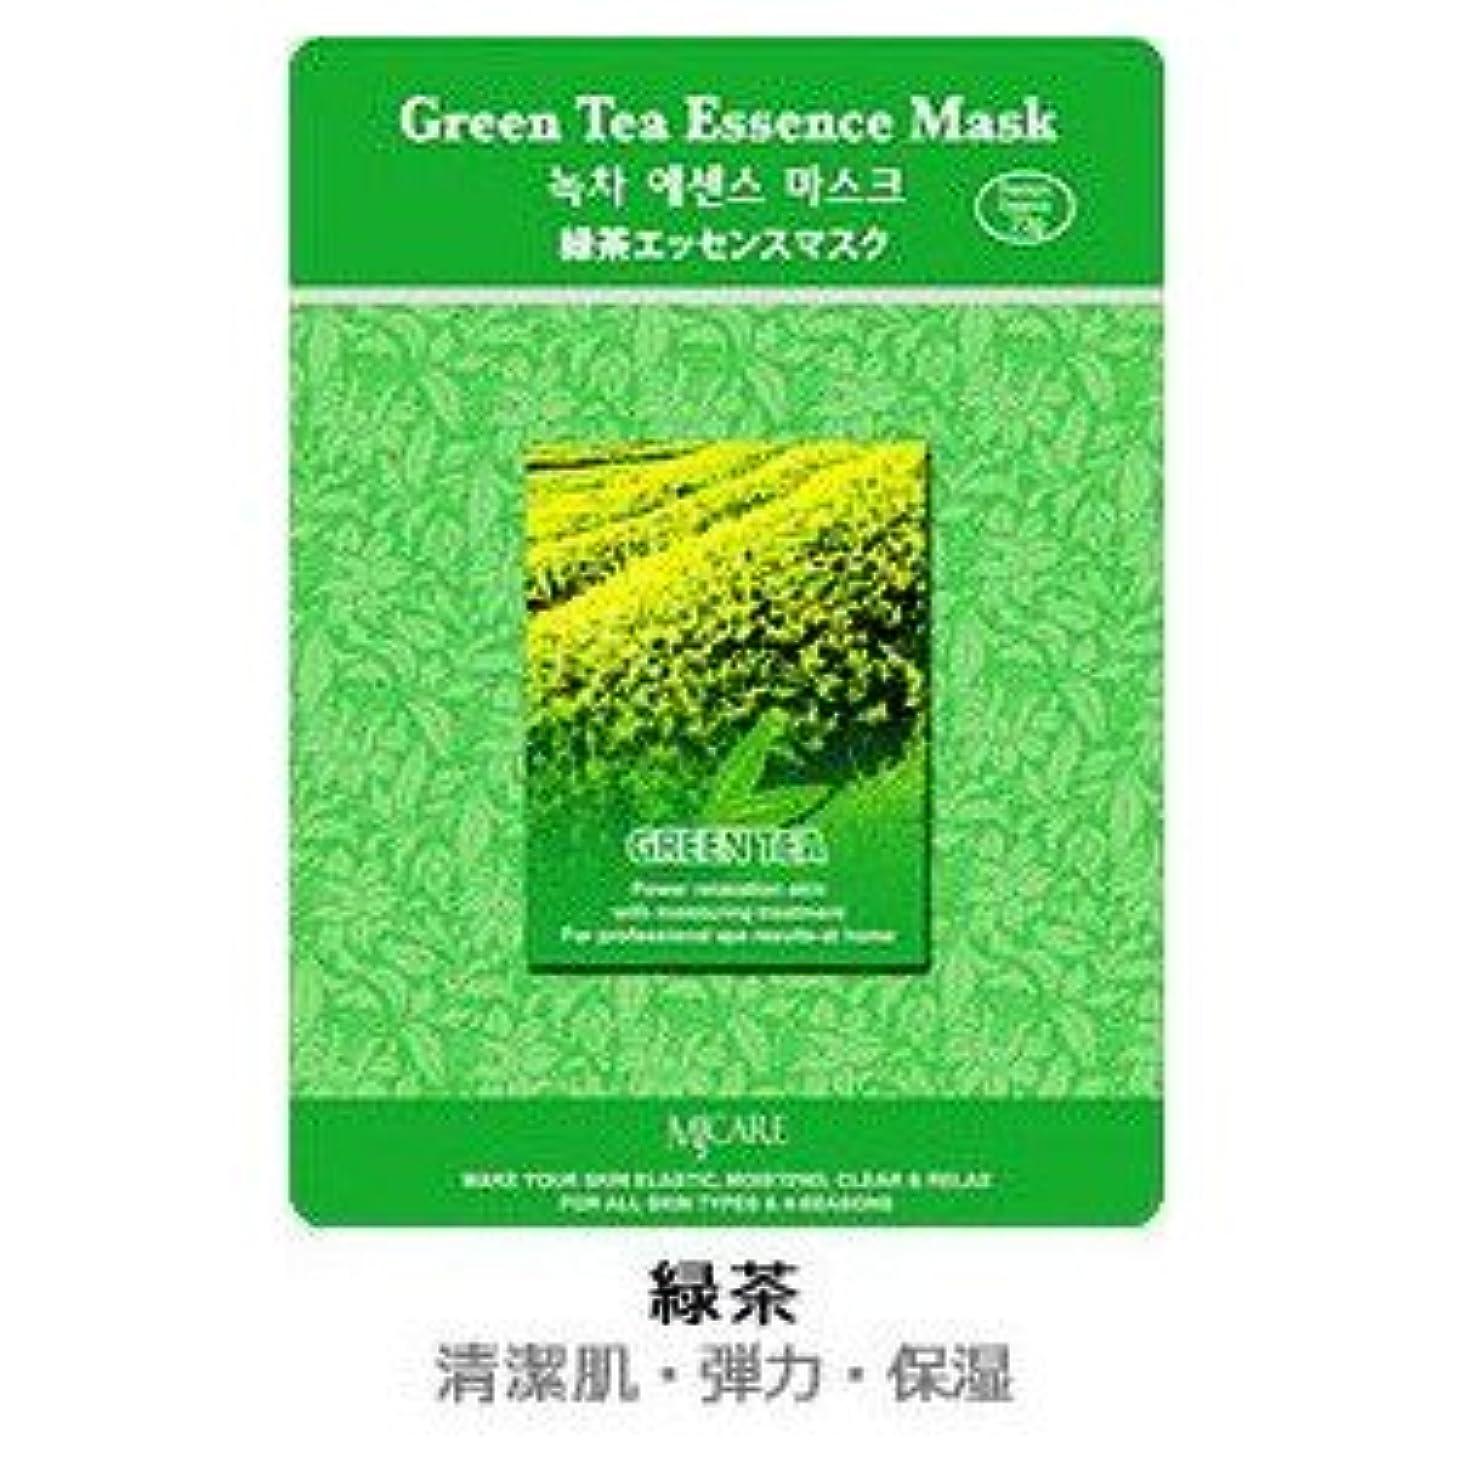 心理学コロニー立ち寄るMJ-CAREエッセンスマスク 緑茶10枚セット